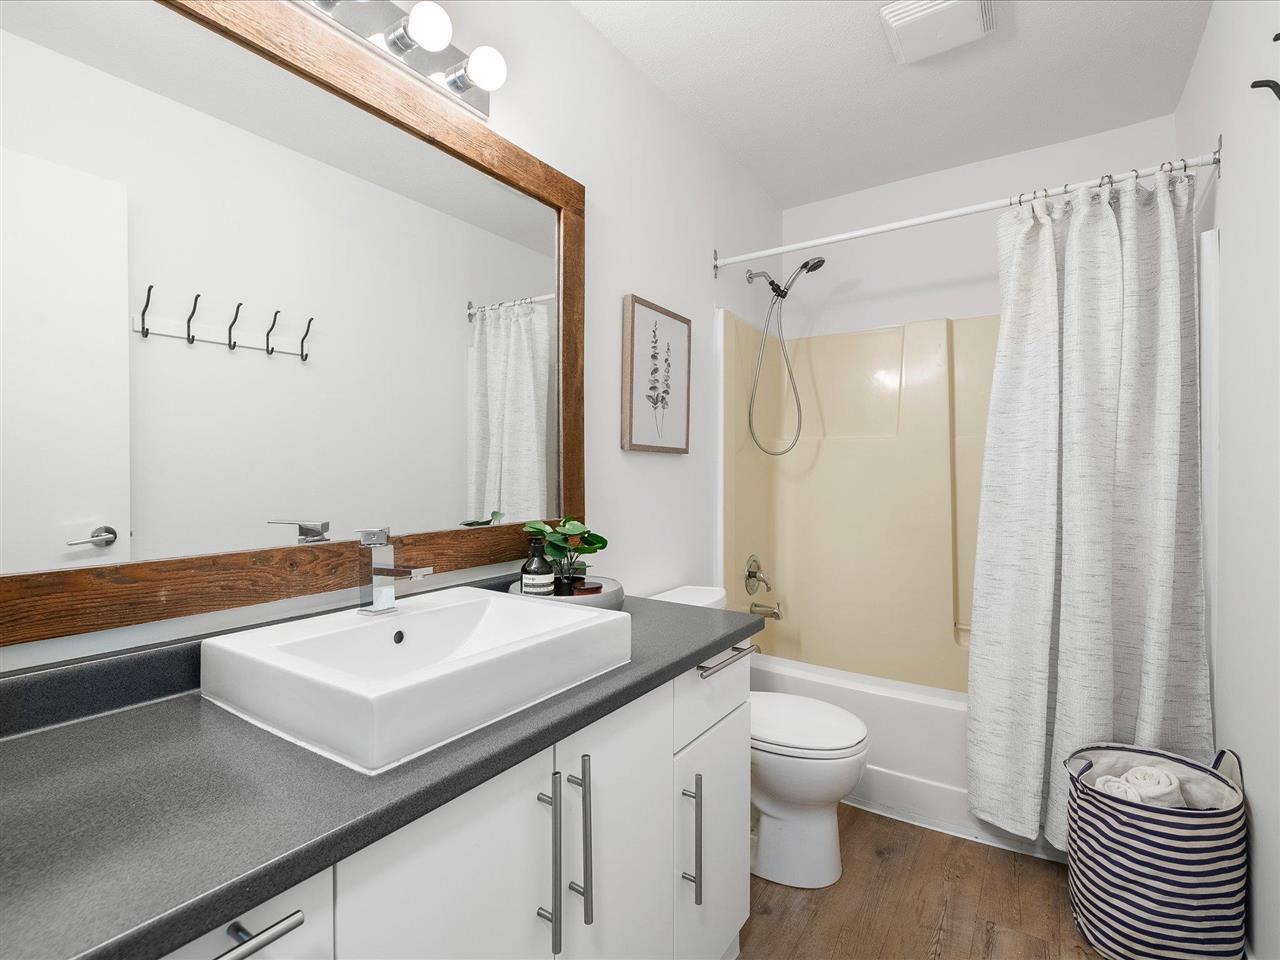 72 2222 BRANDYWINE WAY - Bayshores 1/2 Duplex for sale, 3 Bedrooms (R2591139) - #18